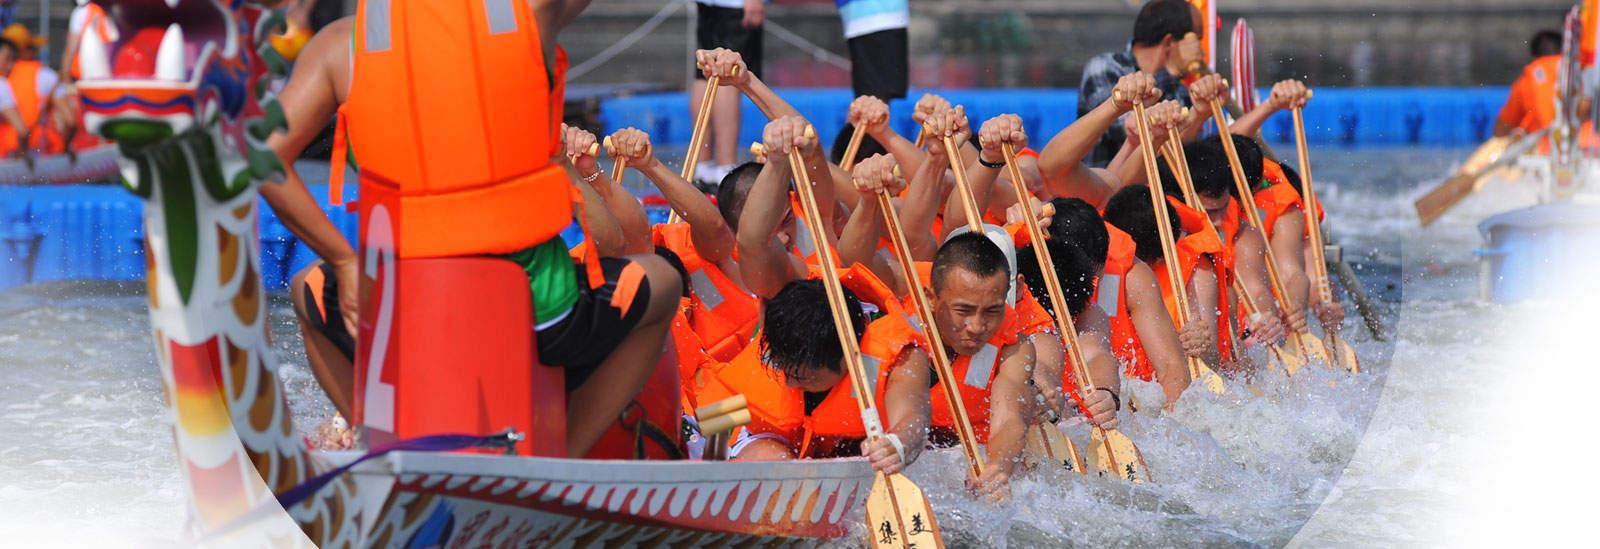 2014-05龙舟赛